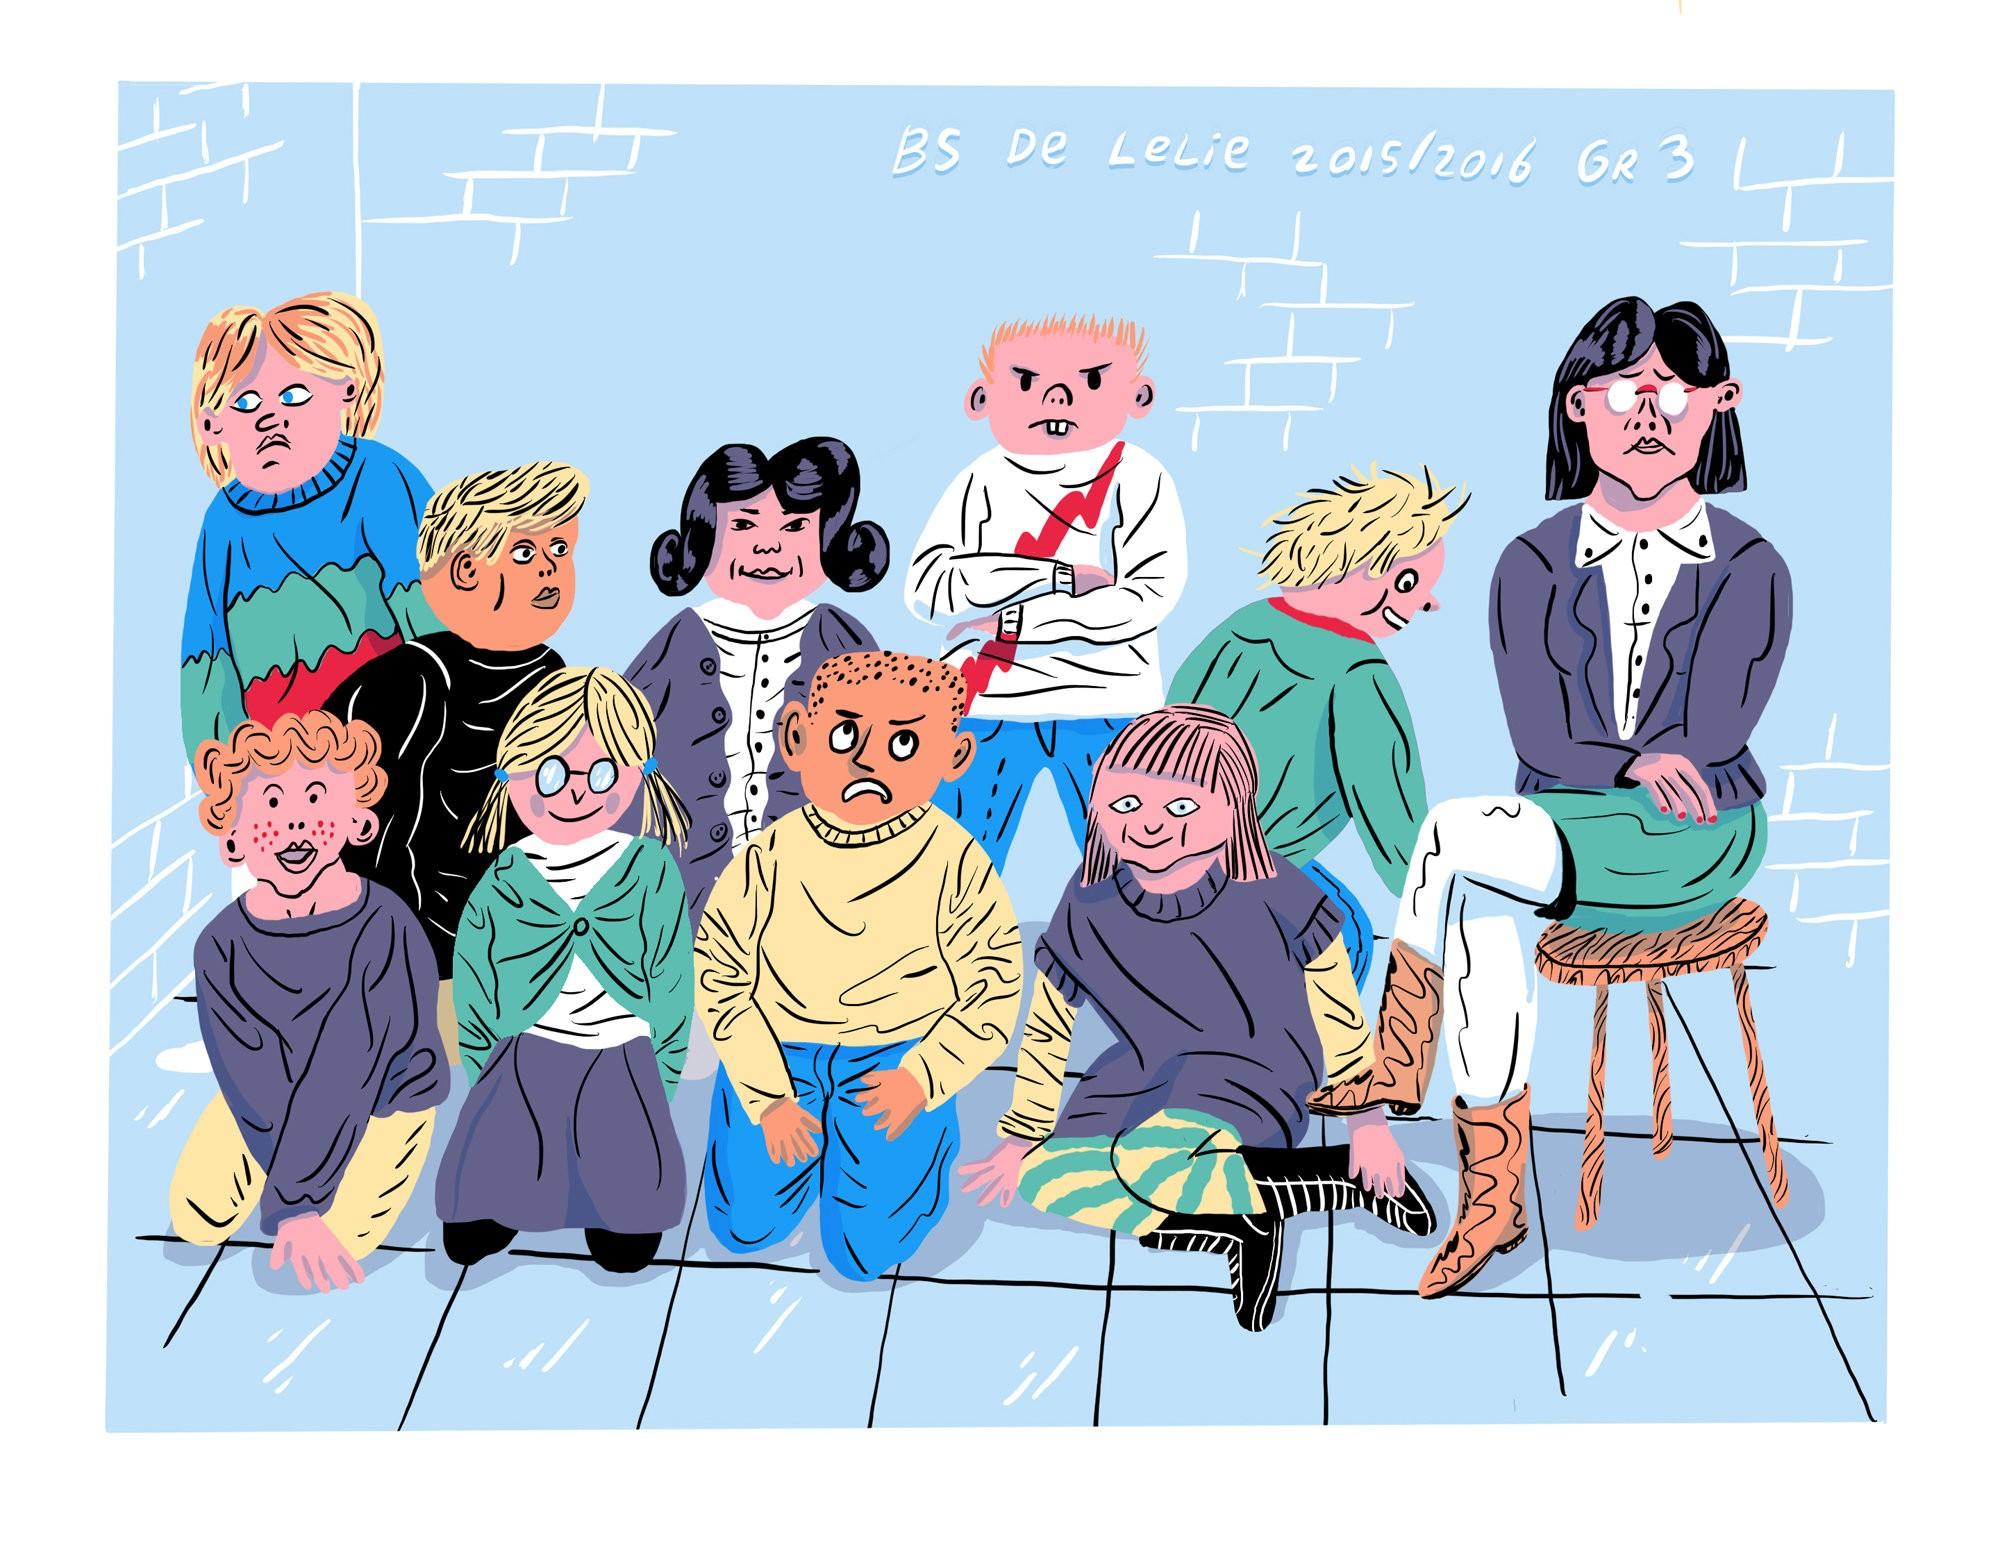 ea44370f96b Op de school van Gijs (10) zijn ze ervan overtuigd dat hij autistisch is en  van school af moet. Maar zijn vader, Roeland van Hoof, gelooft er niets van.